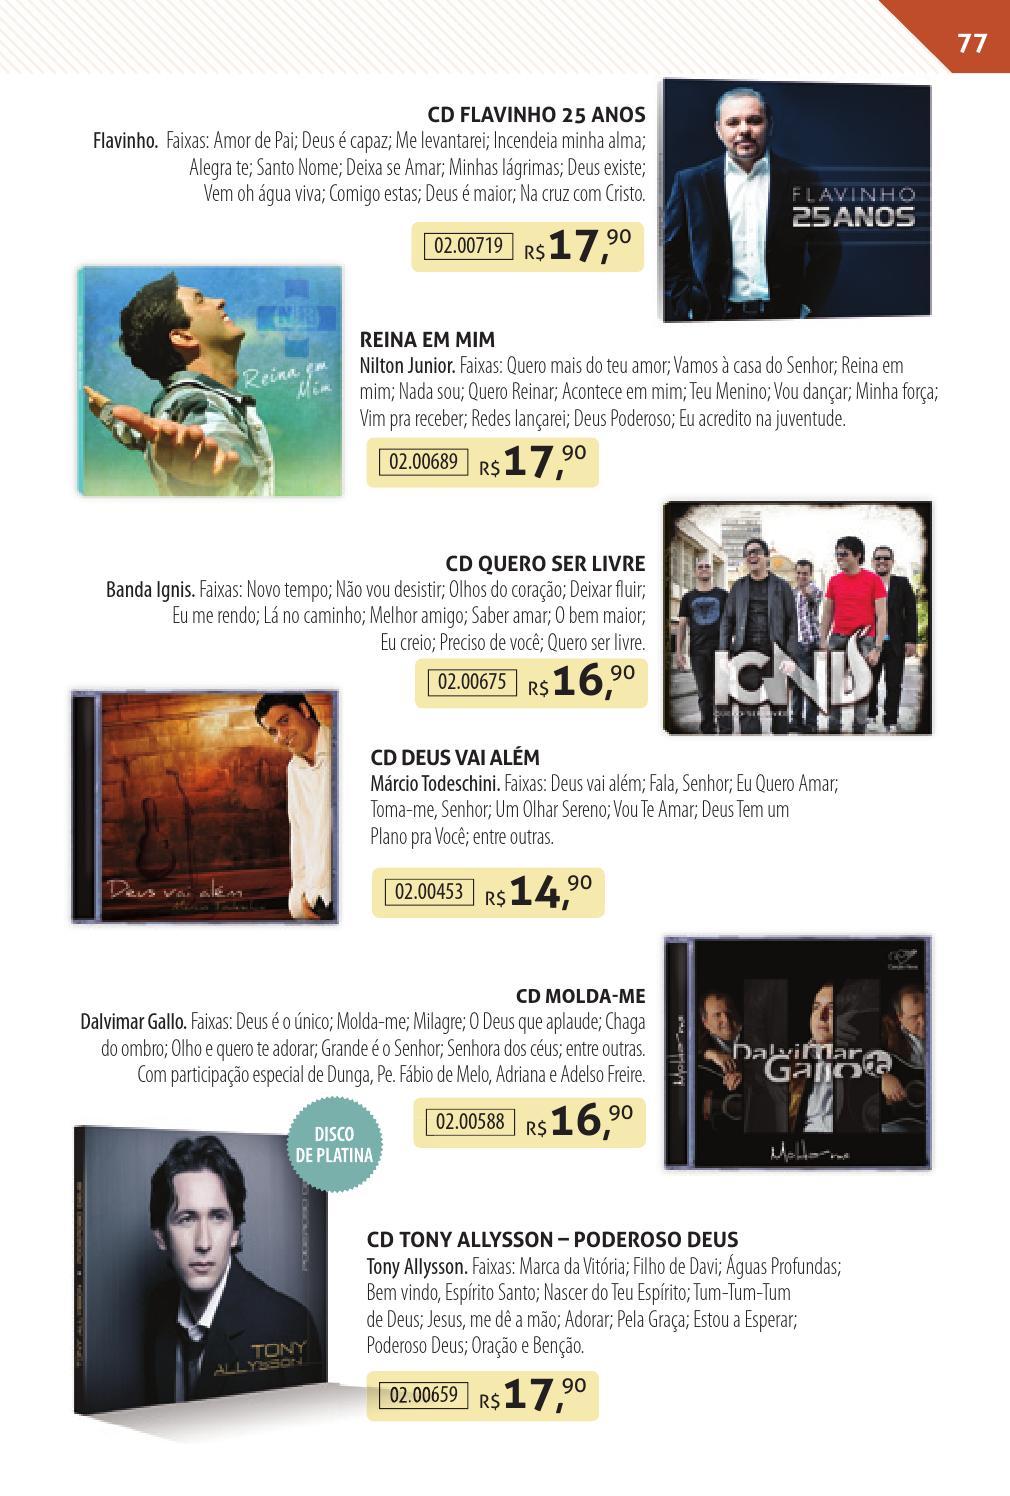 CD NOVO CANO NOVA FLAVINHO BAIXAR